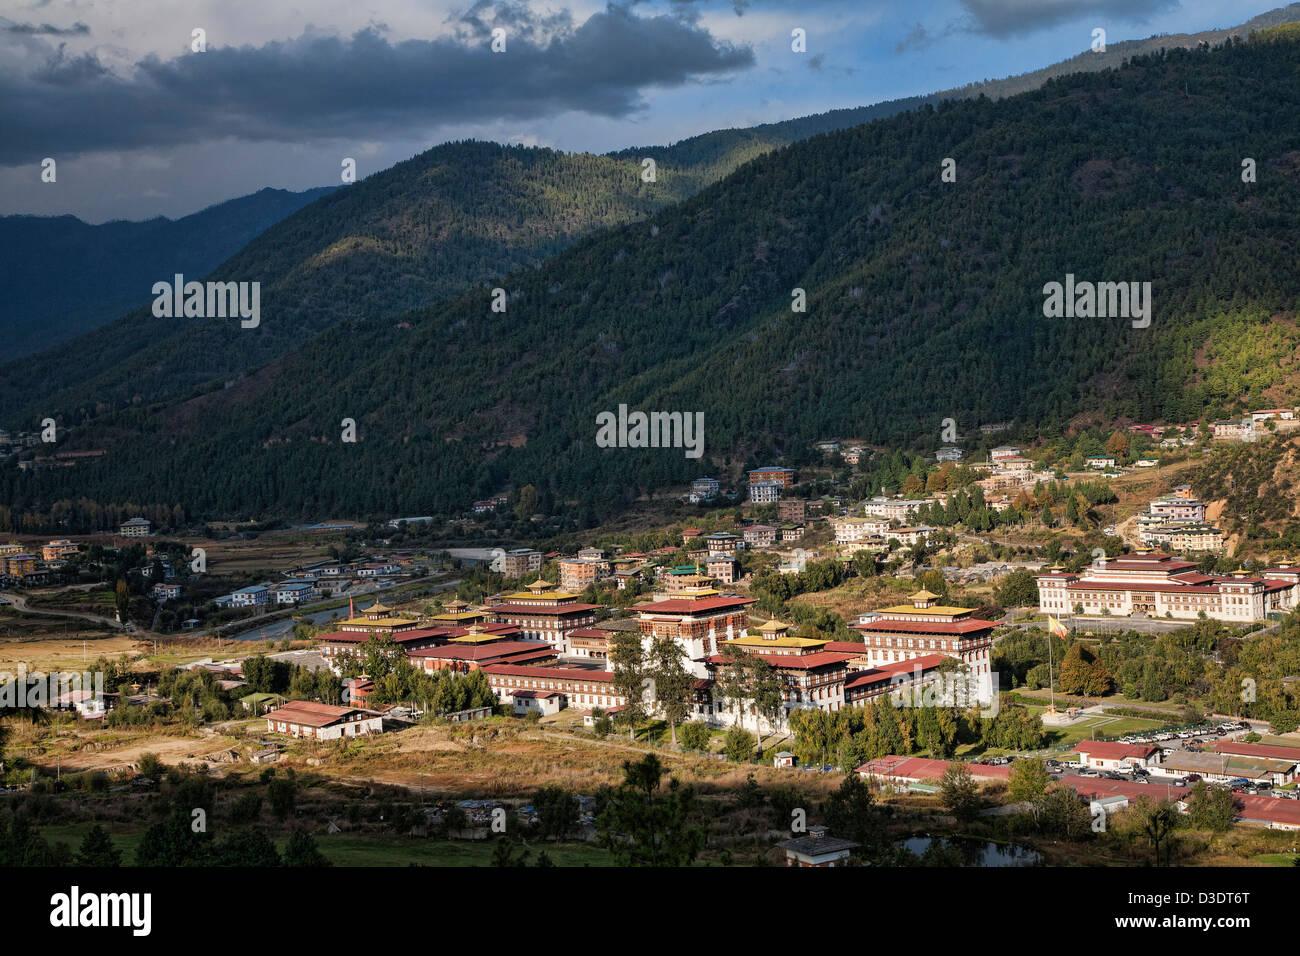 """Le Tashichho Dzong (ce qui signifie: """"Forteresse de la Glorieuse Religion') est le siège du Photo Stock"""